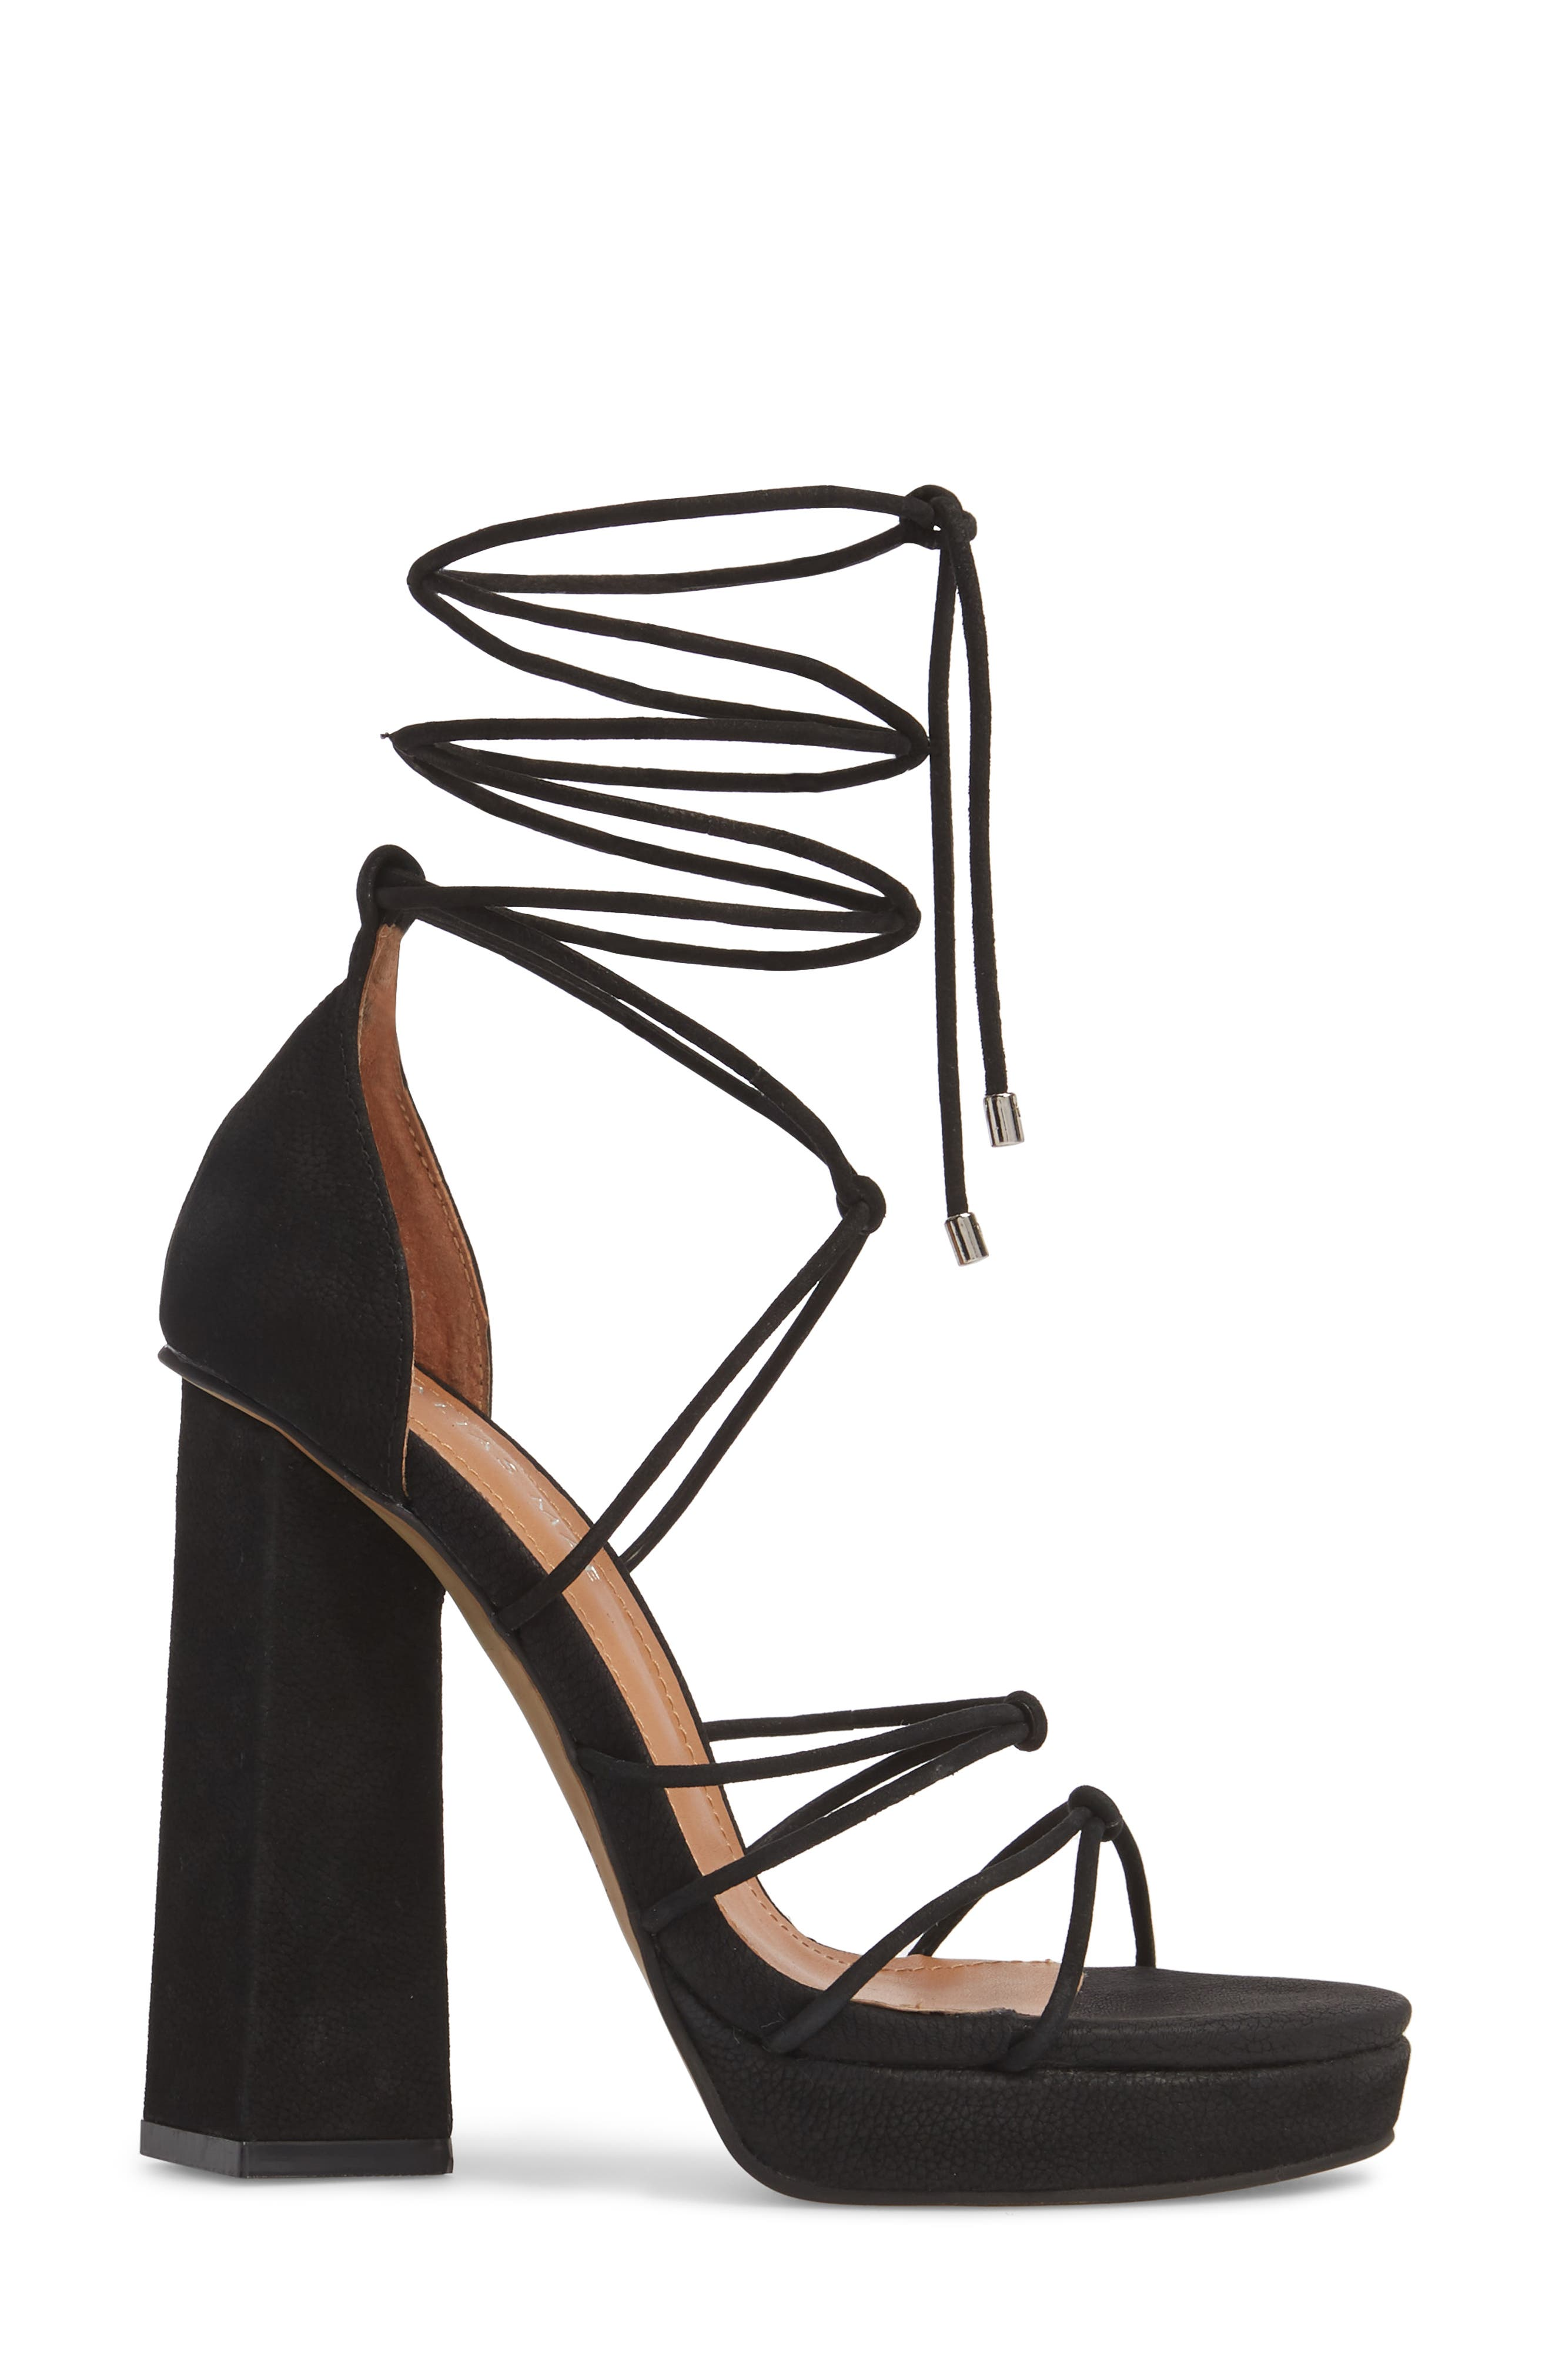 Bordega Ankle Wrap Sandal,                             Alternate thumbnail 3, color,                             BLACK LEATHER